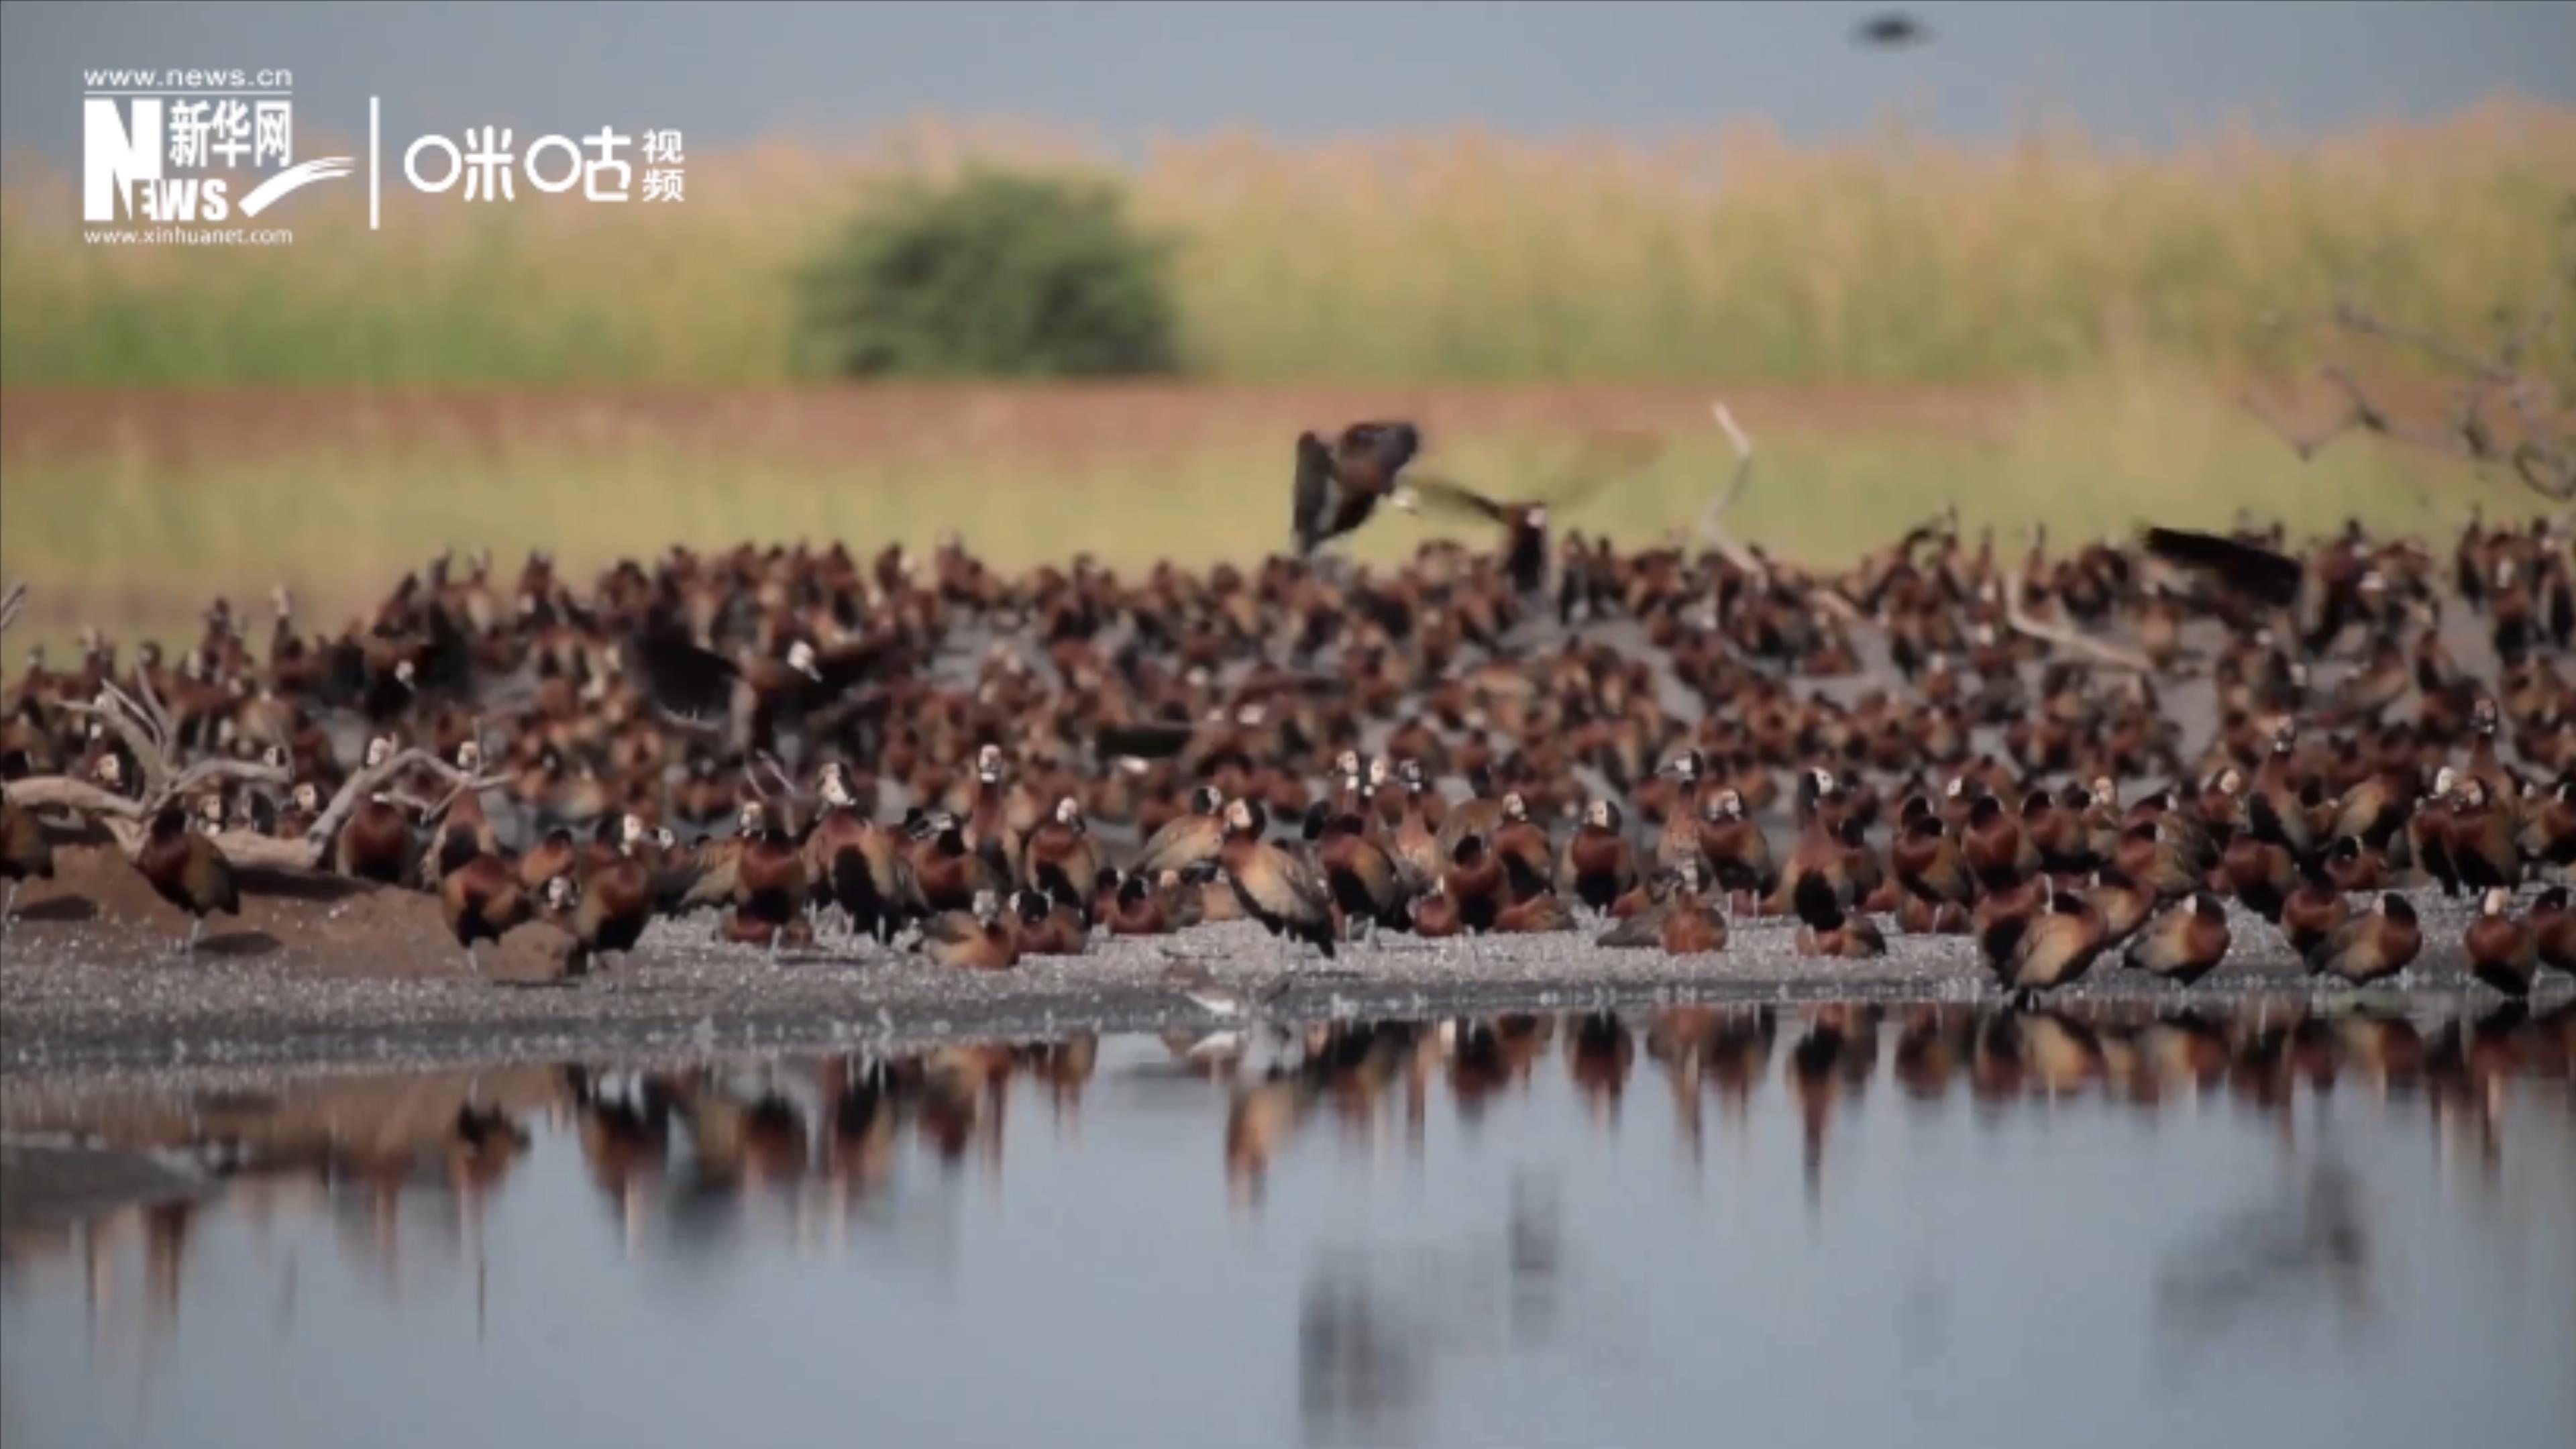 候鳥將人類、生態係統和世界各國連在一起